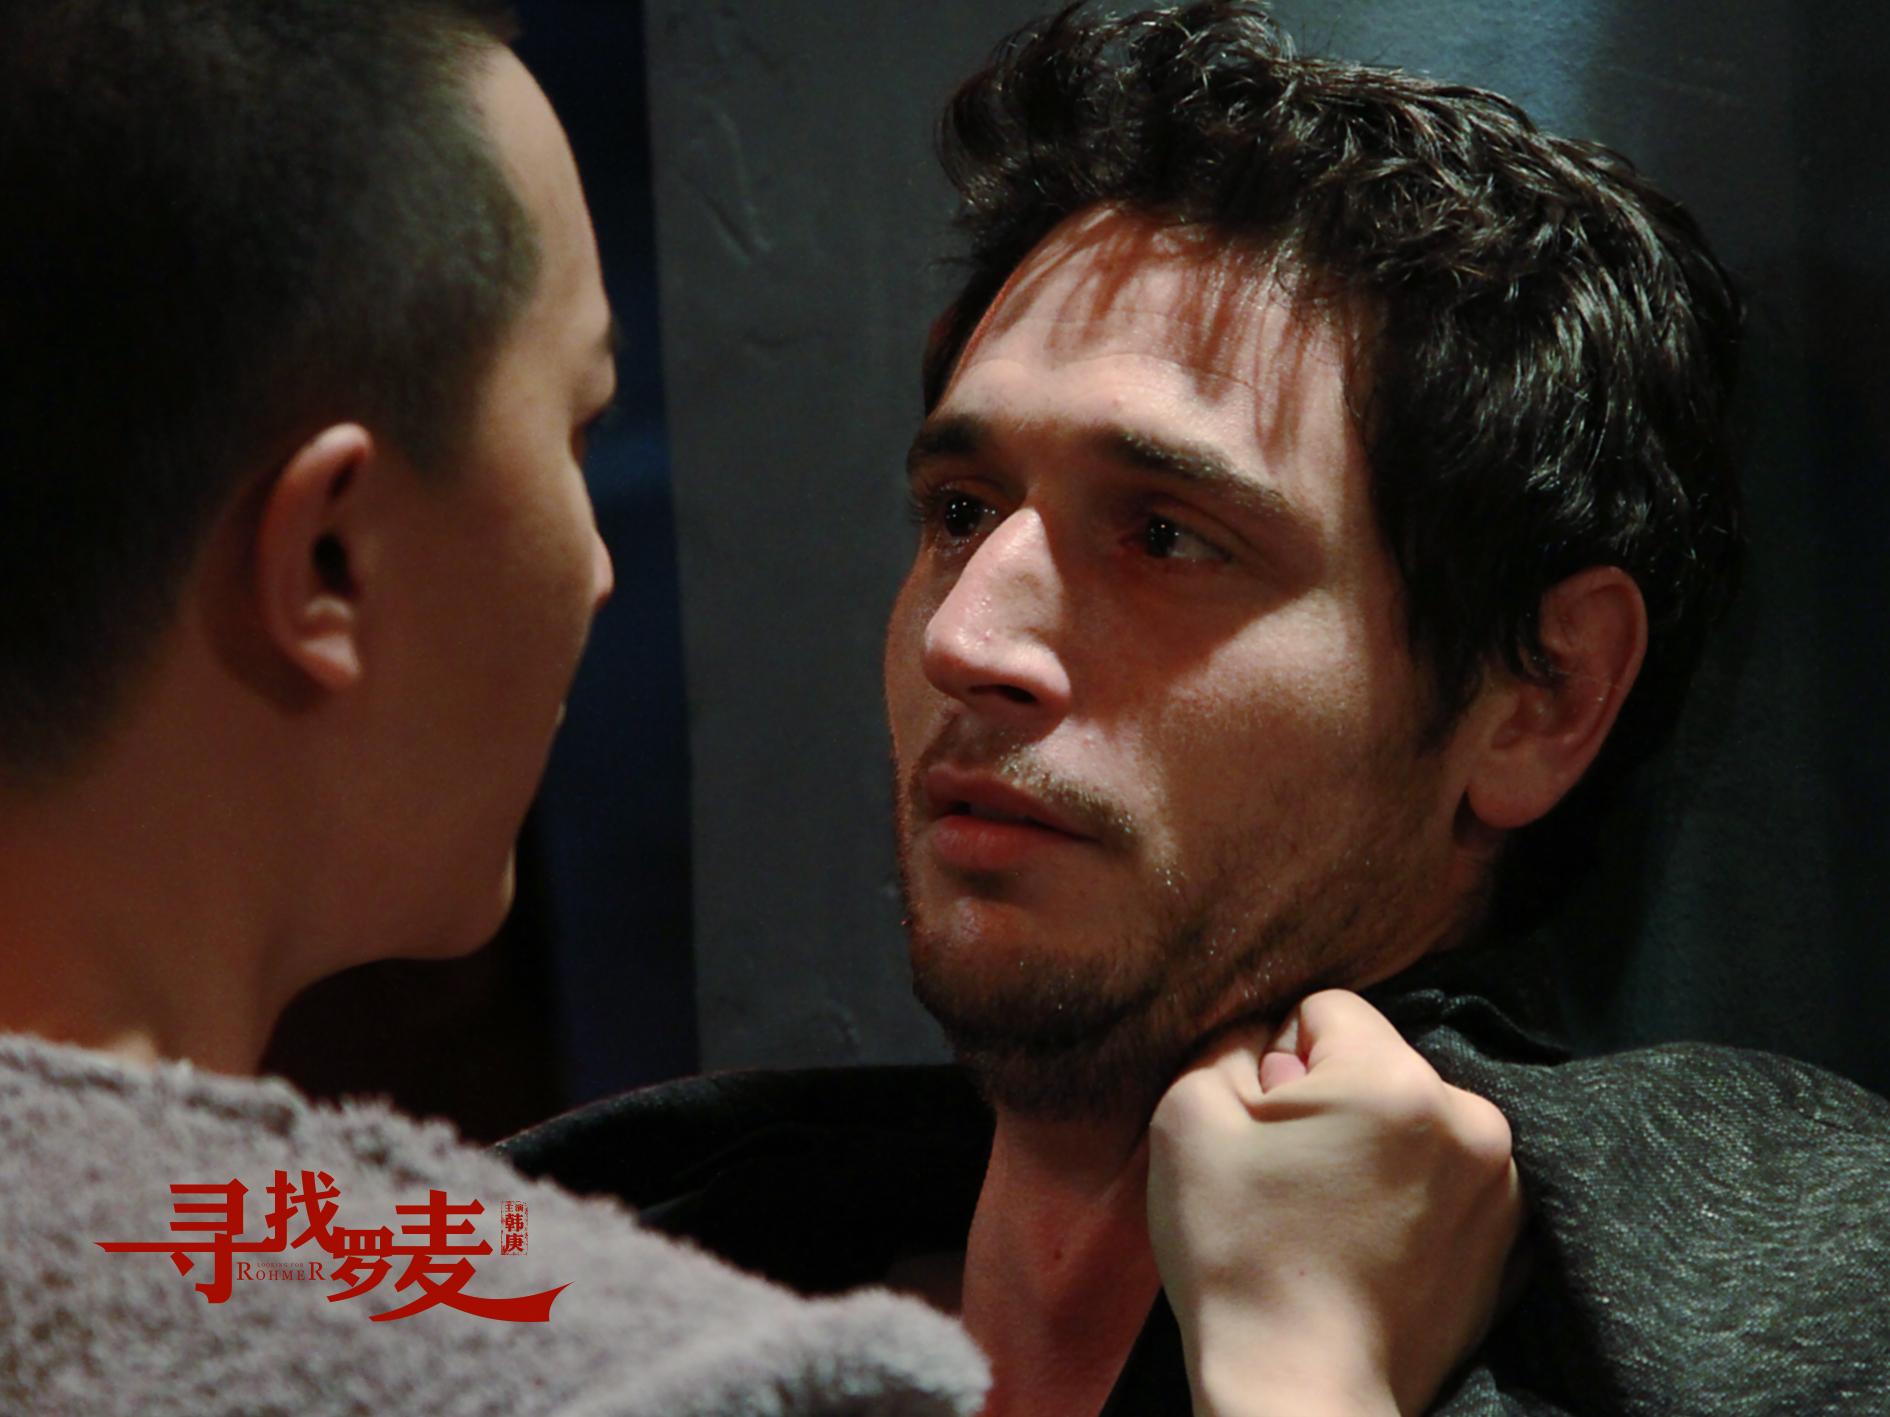 一部难得的中国同性电影 万万没想到拍成了这